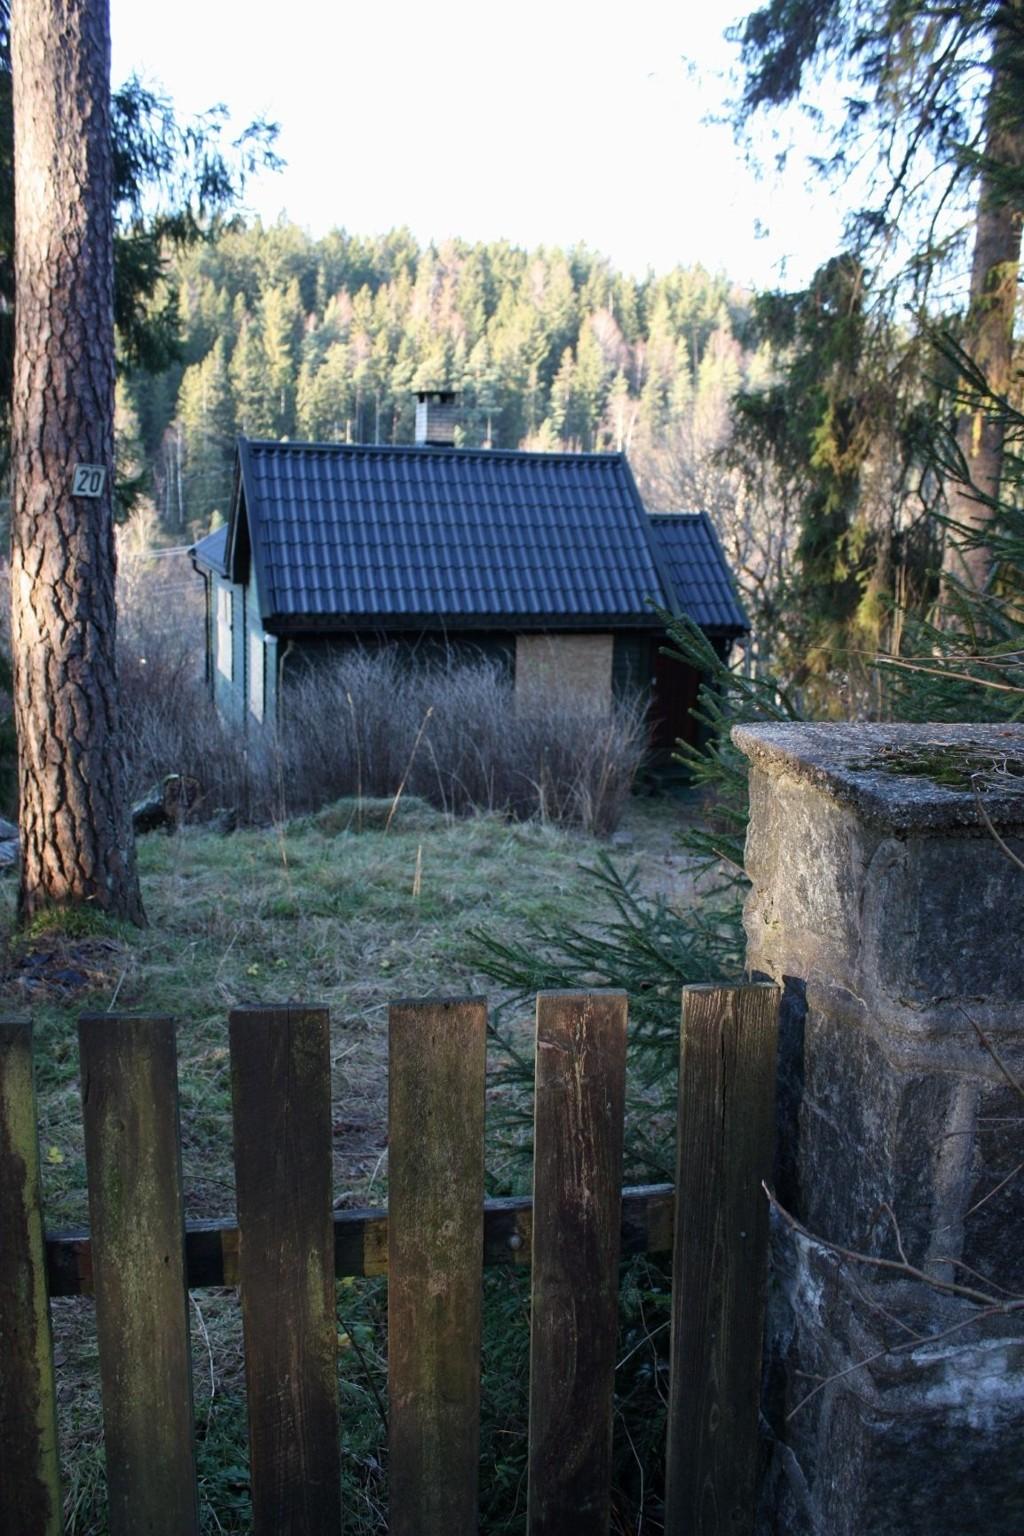 ENEBOLIG: Huset er regulert som enebolig, men er på 44 kvadratmeter.